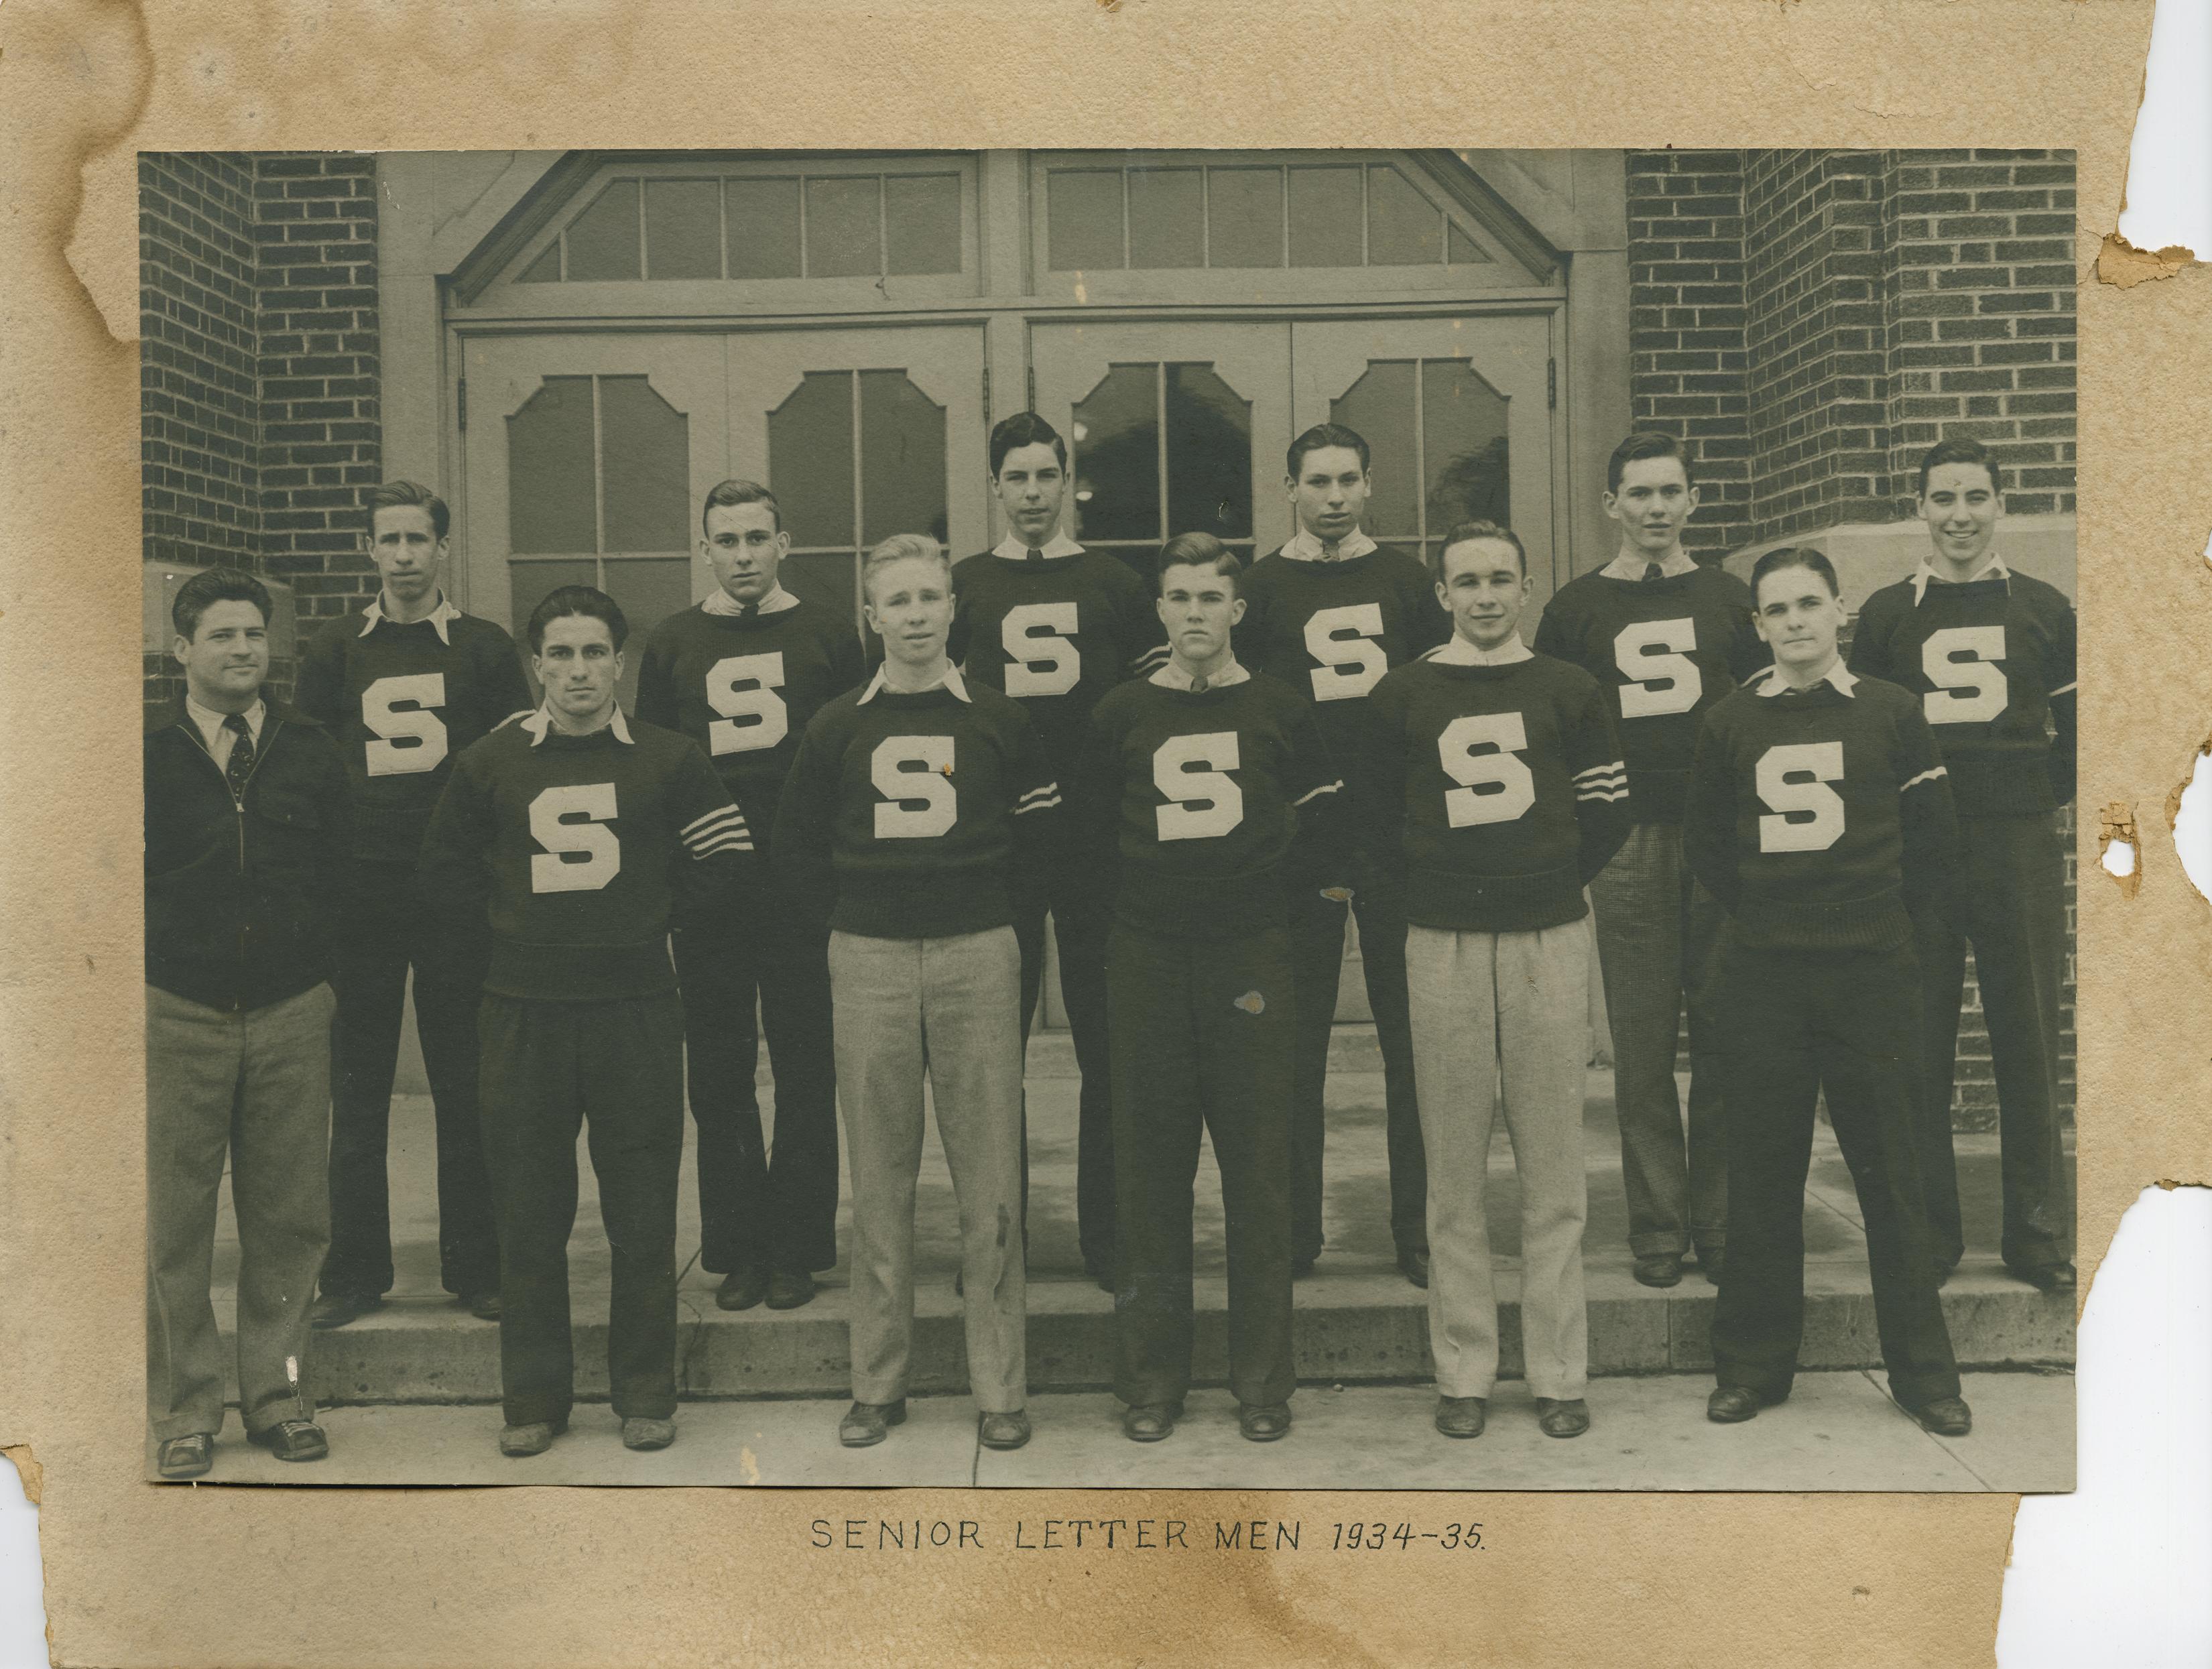 Senior Lettermen 1934-35